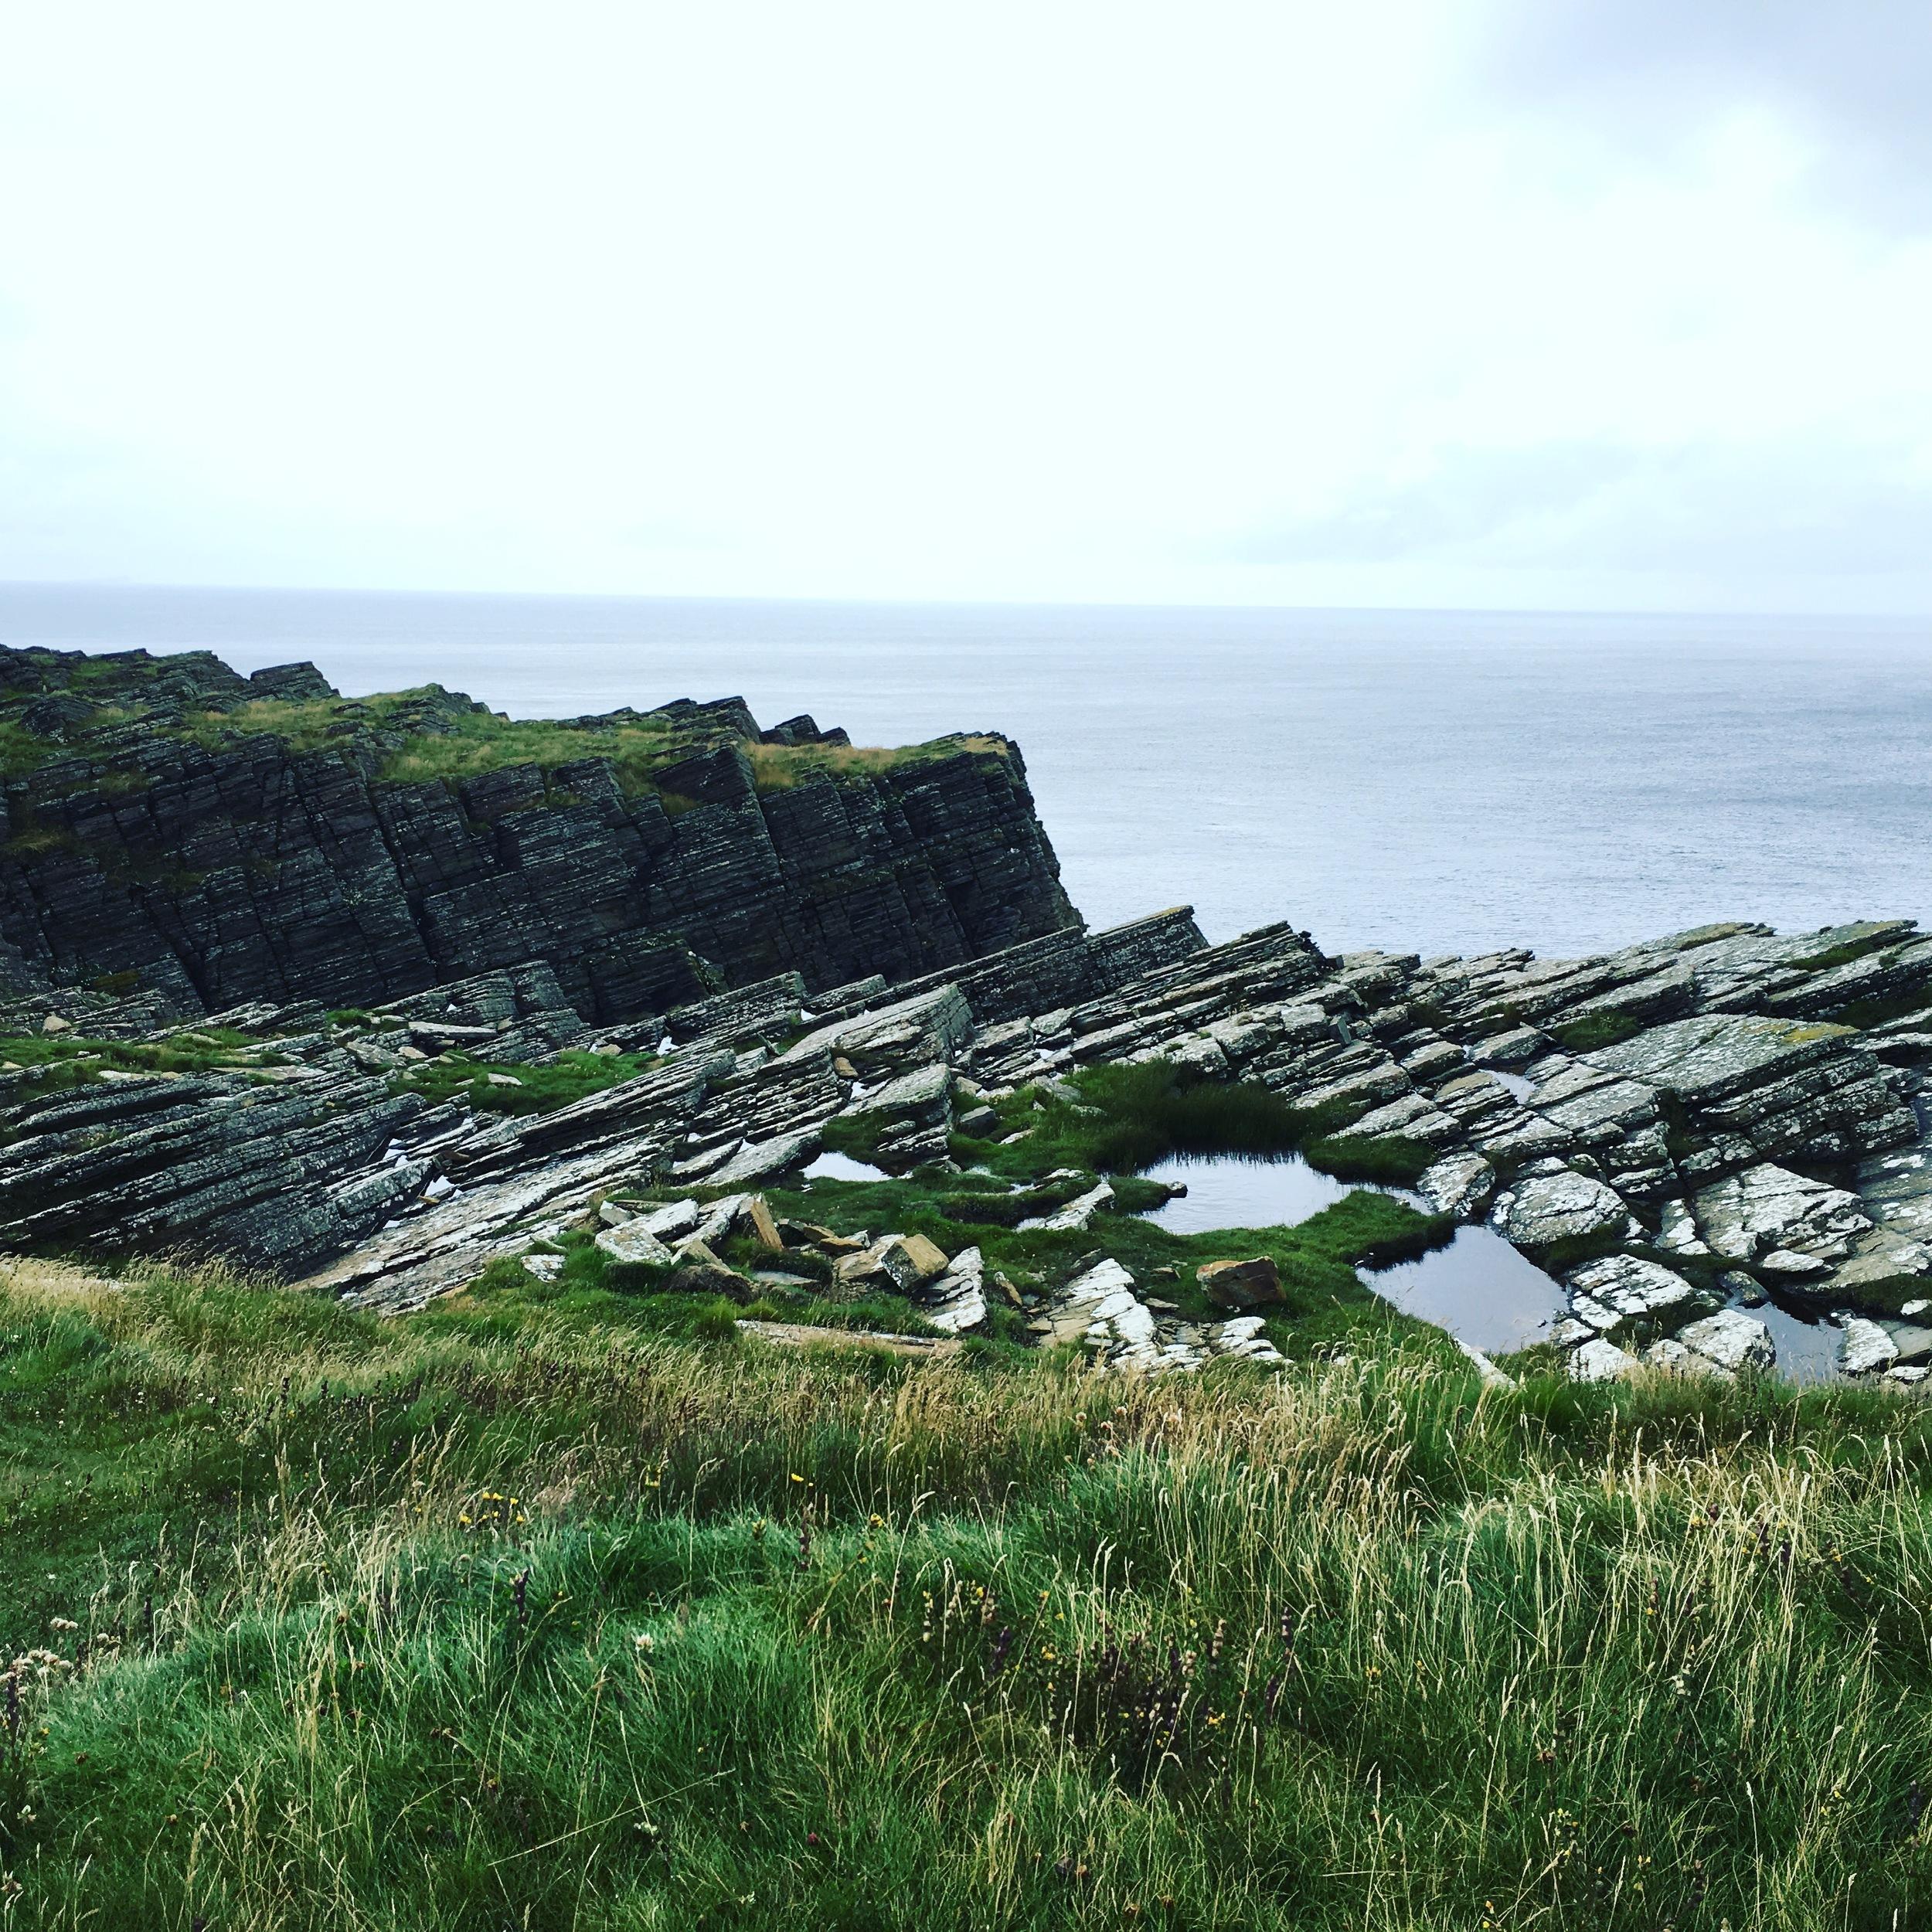 Majestic cliffs above the sea.